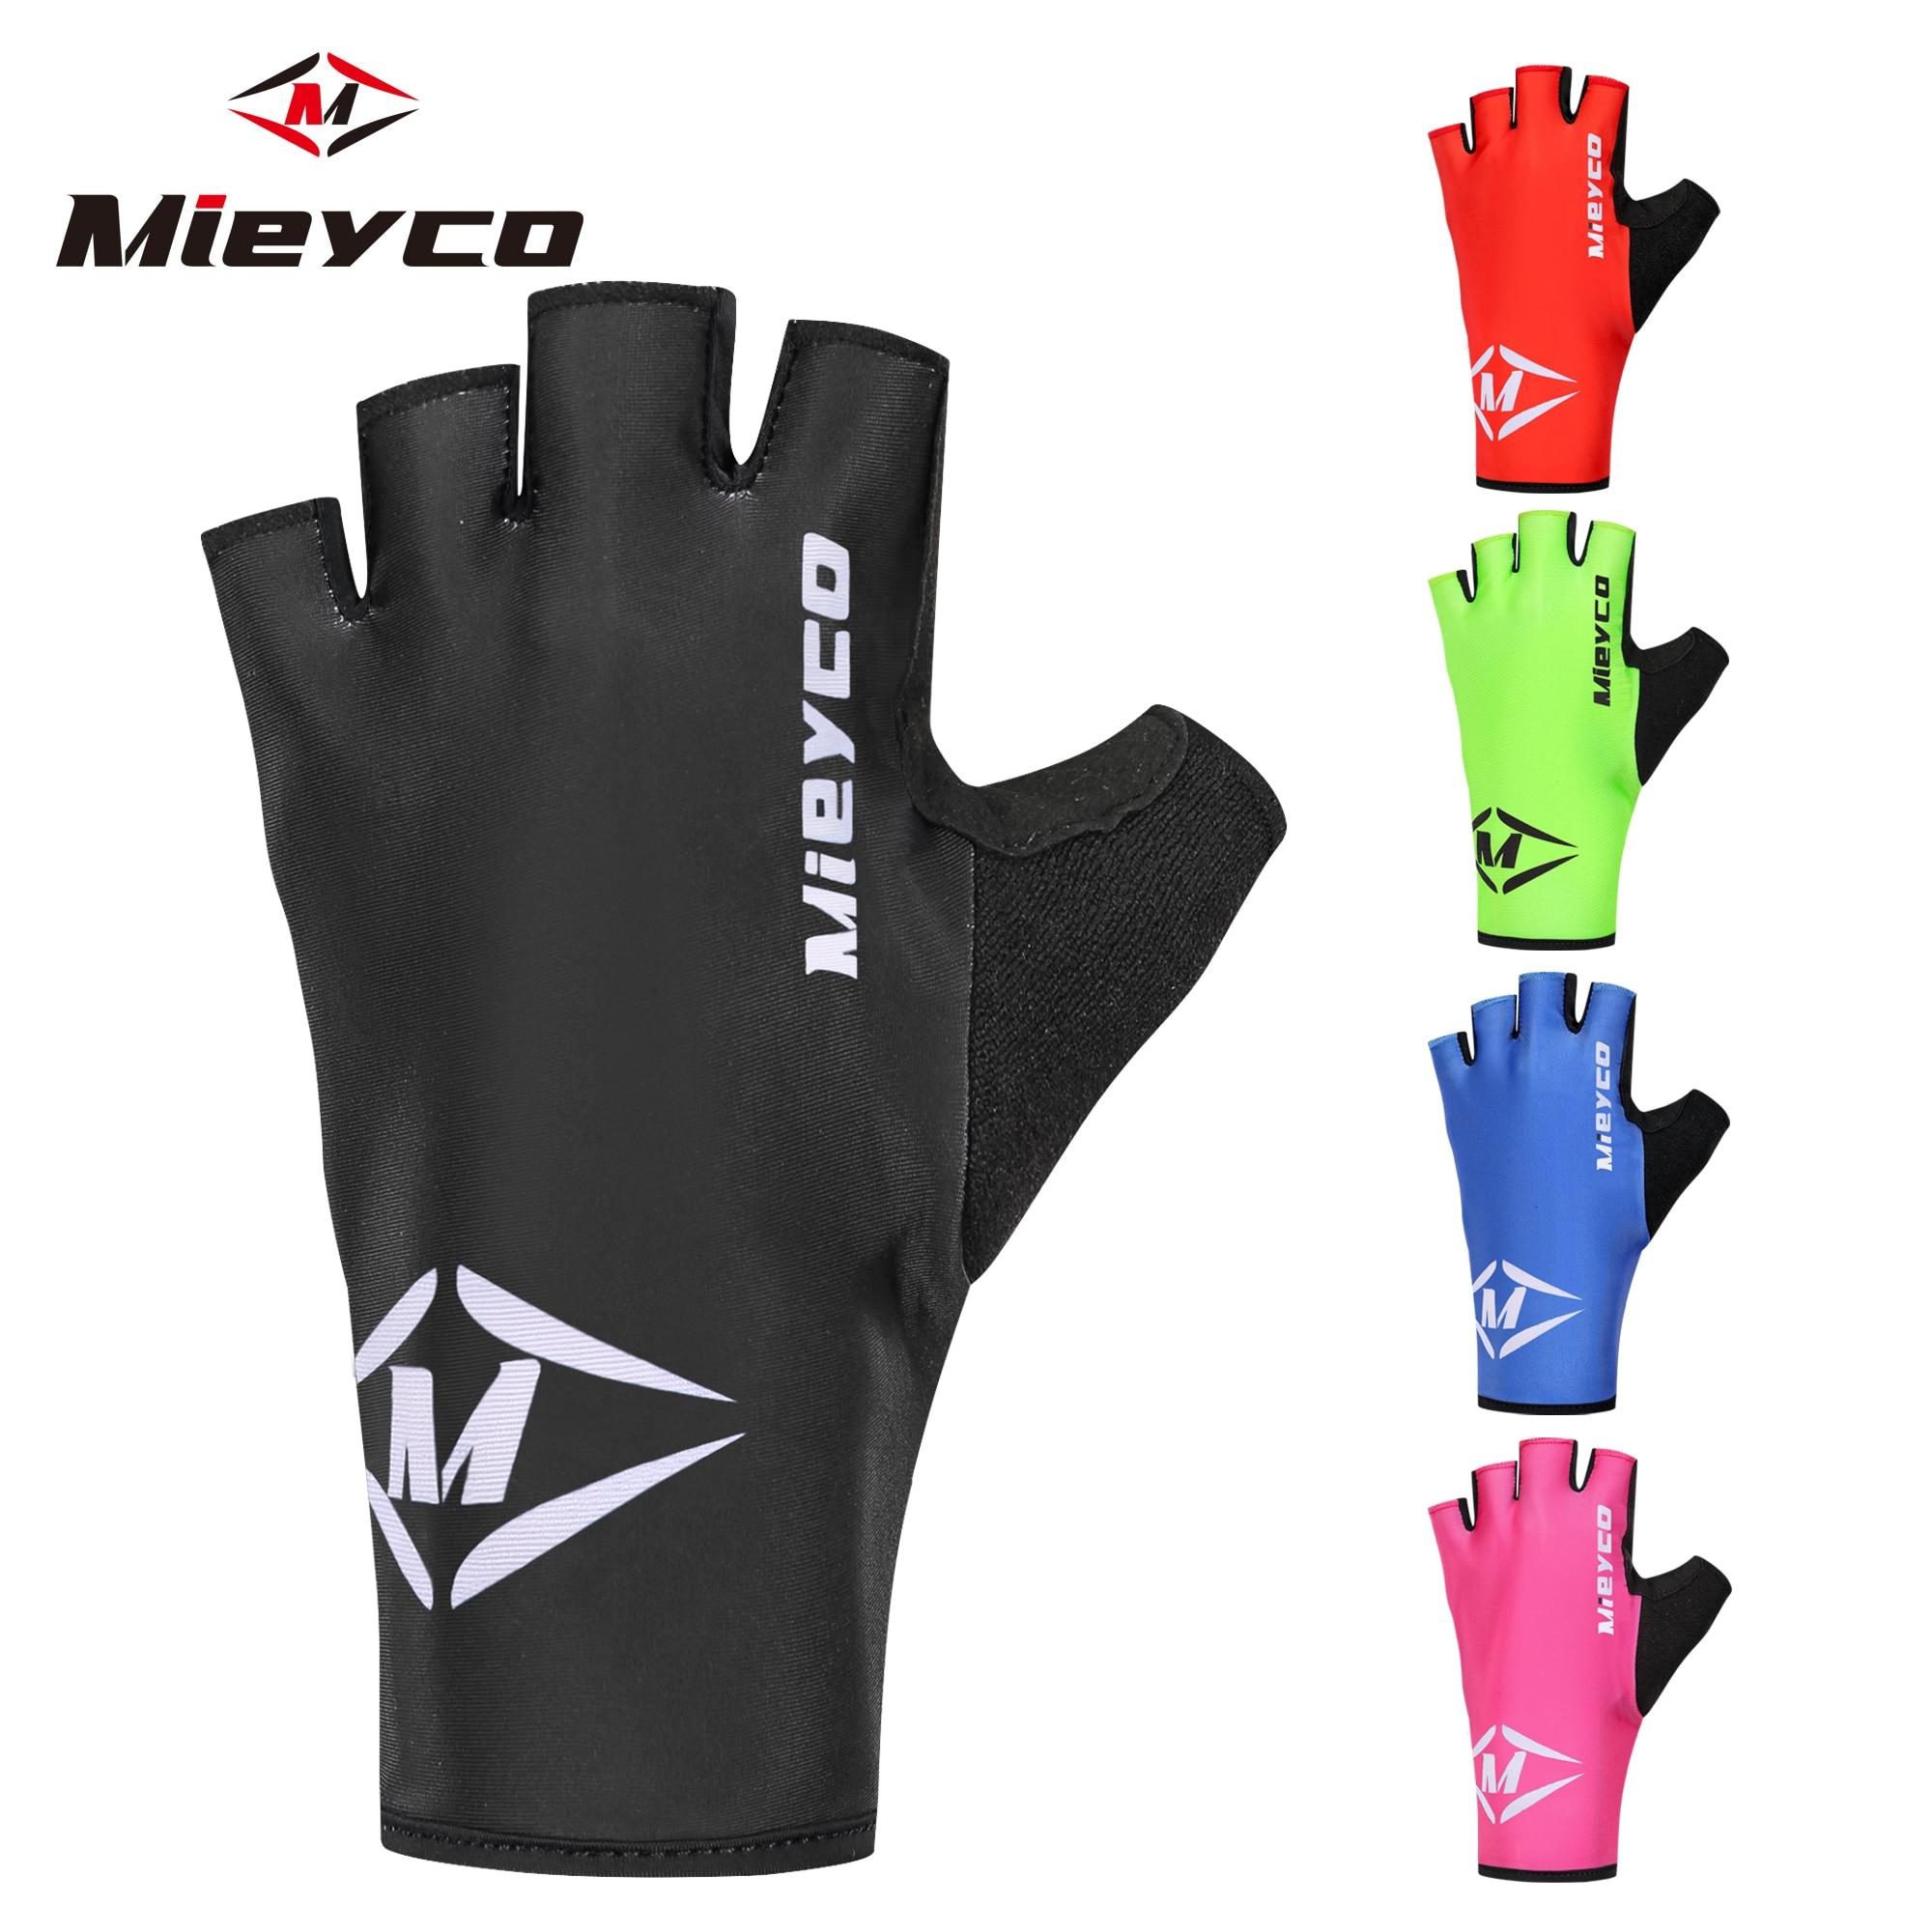 Guantes de ciclismo para exteriores, guantes de protección para bicicleta MTB, guantes lavables transpirables de medio dedo para carreras de montaña, guantes de gel antideslizante, 1 par